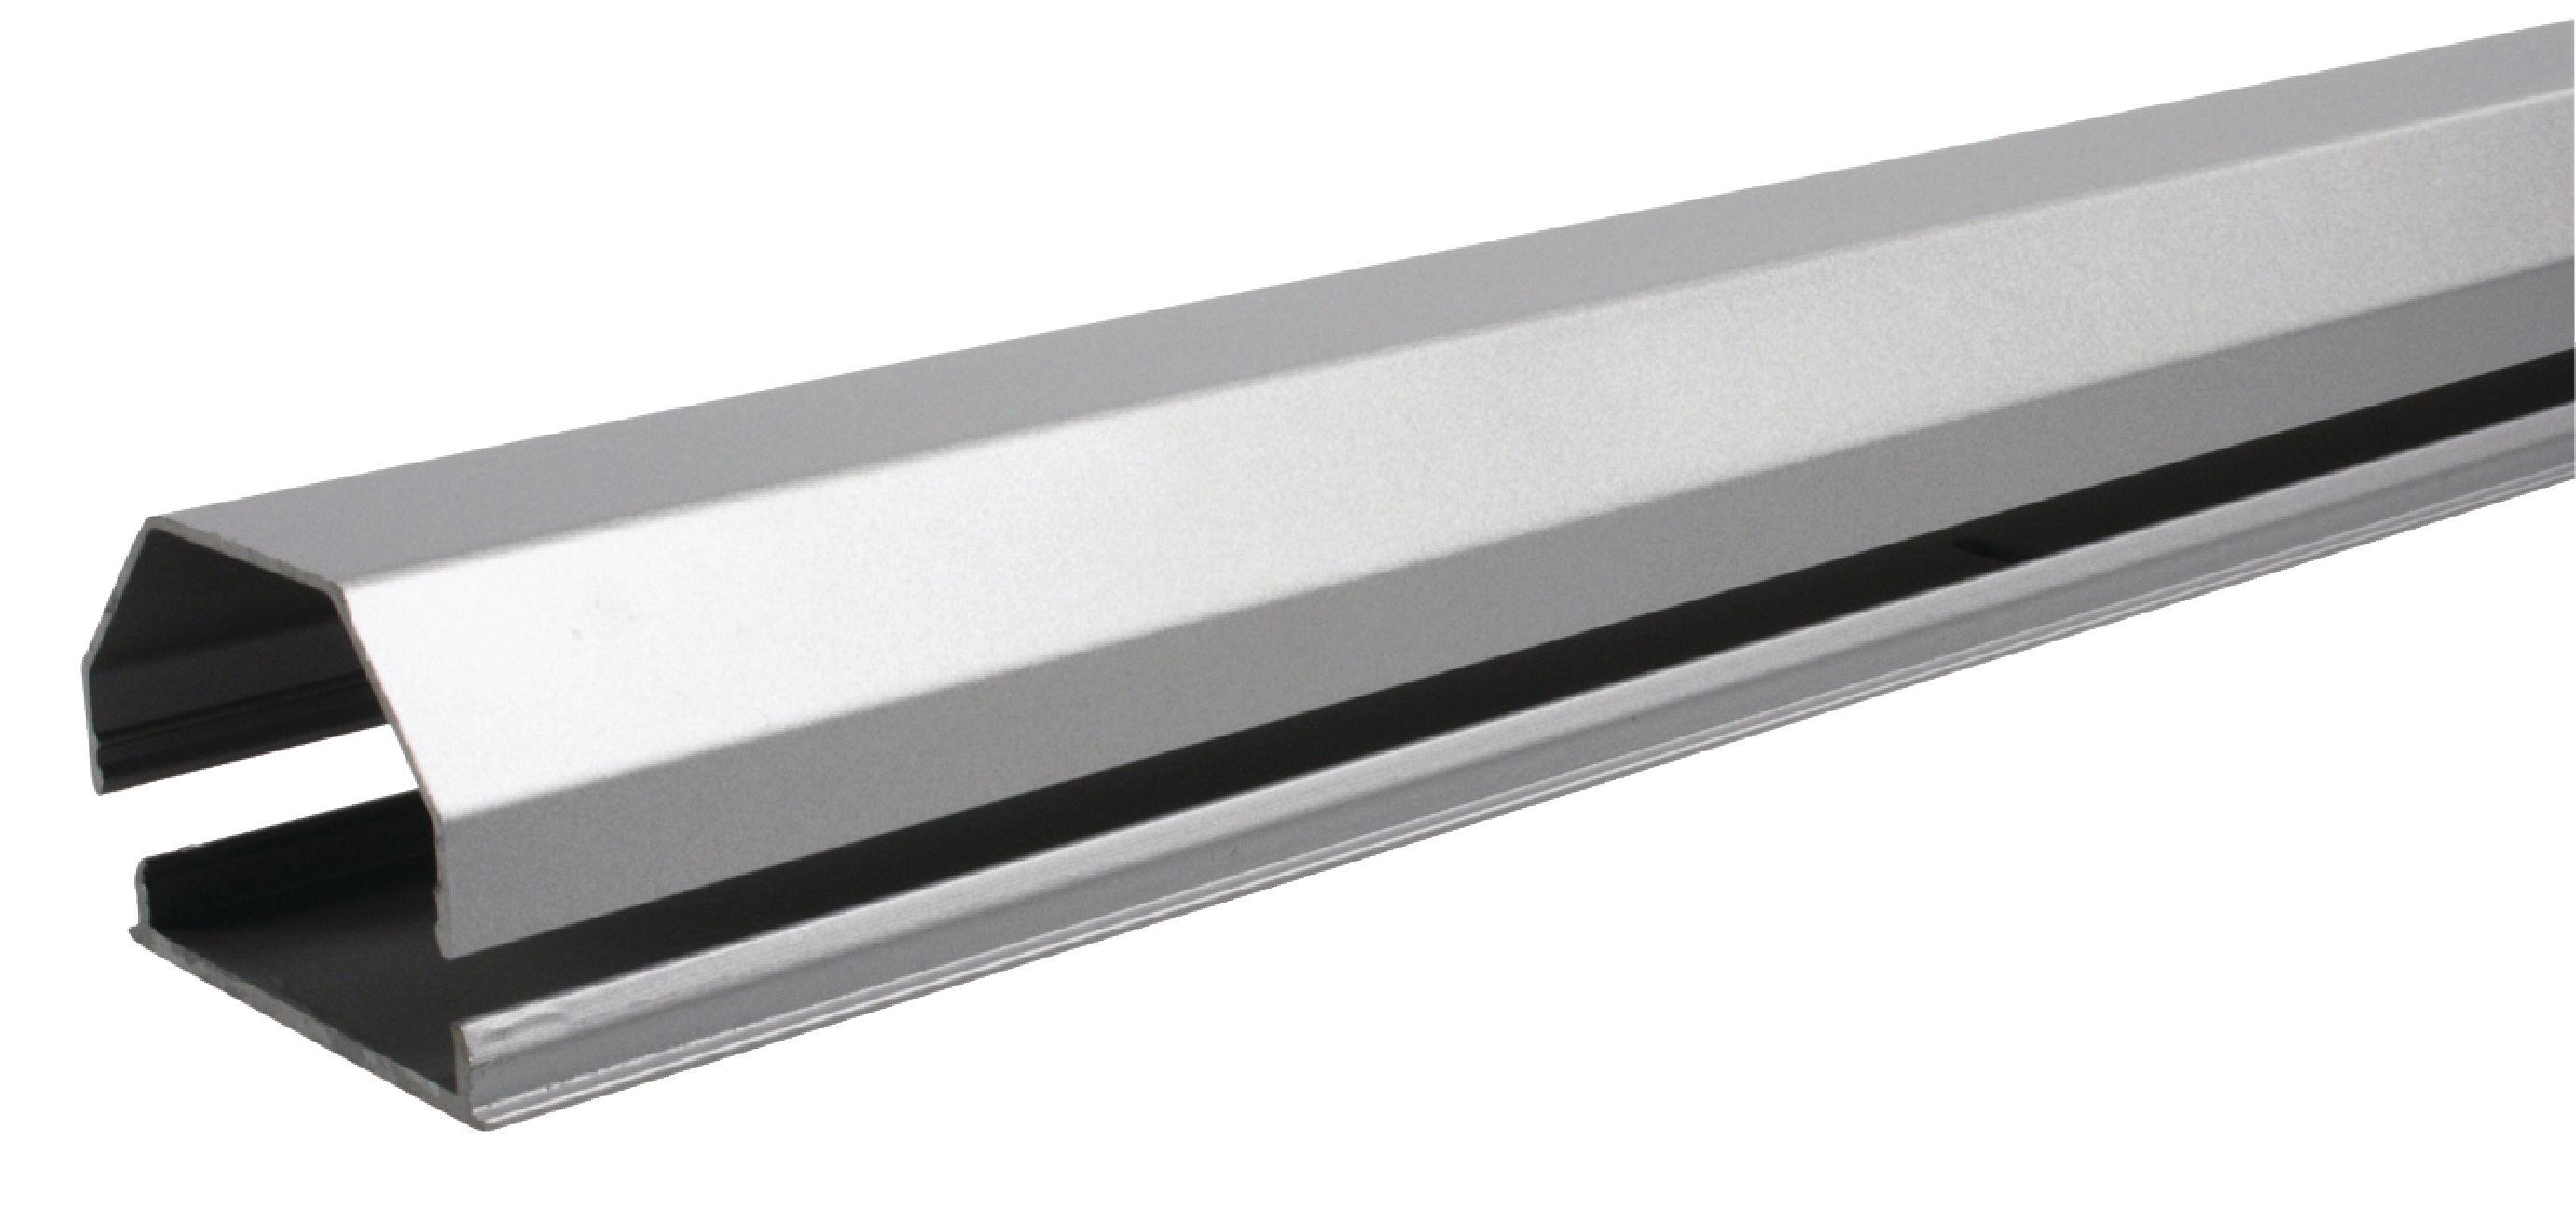 Kabelkanal Vägg Aluminium 1.1 m